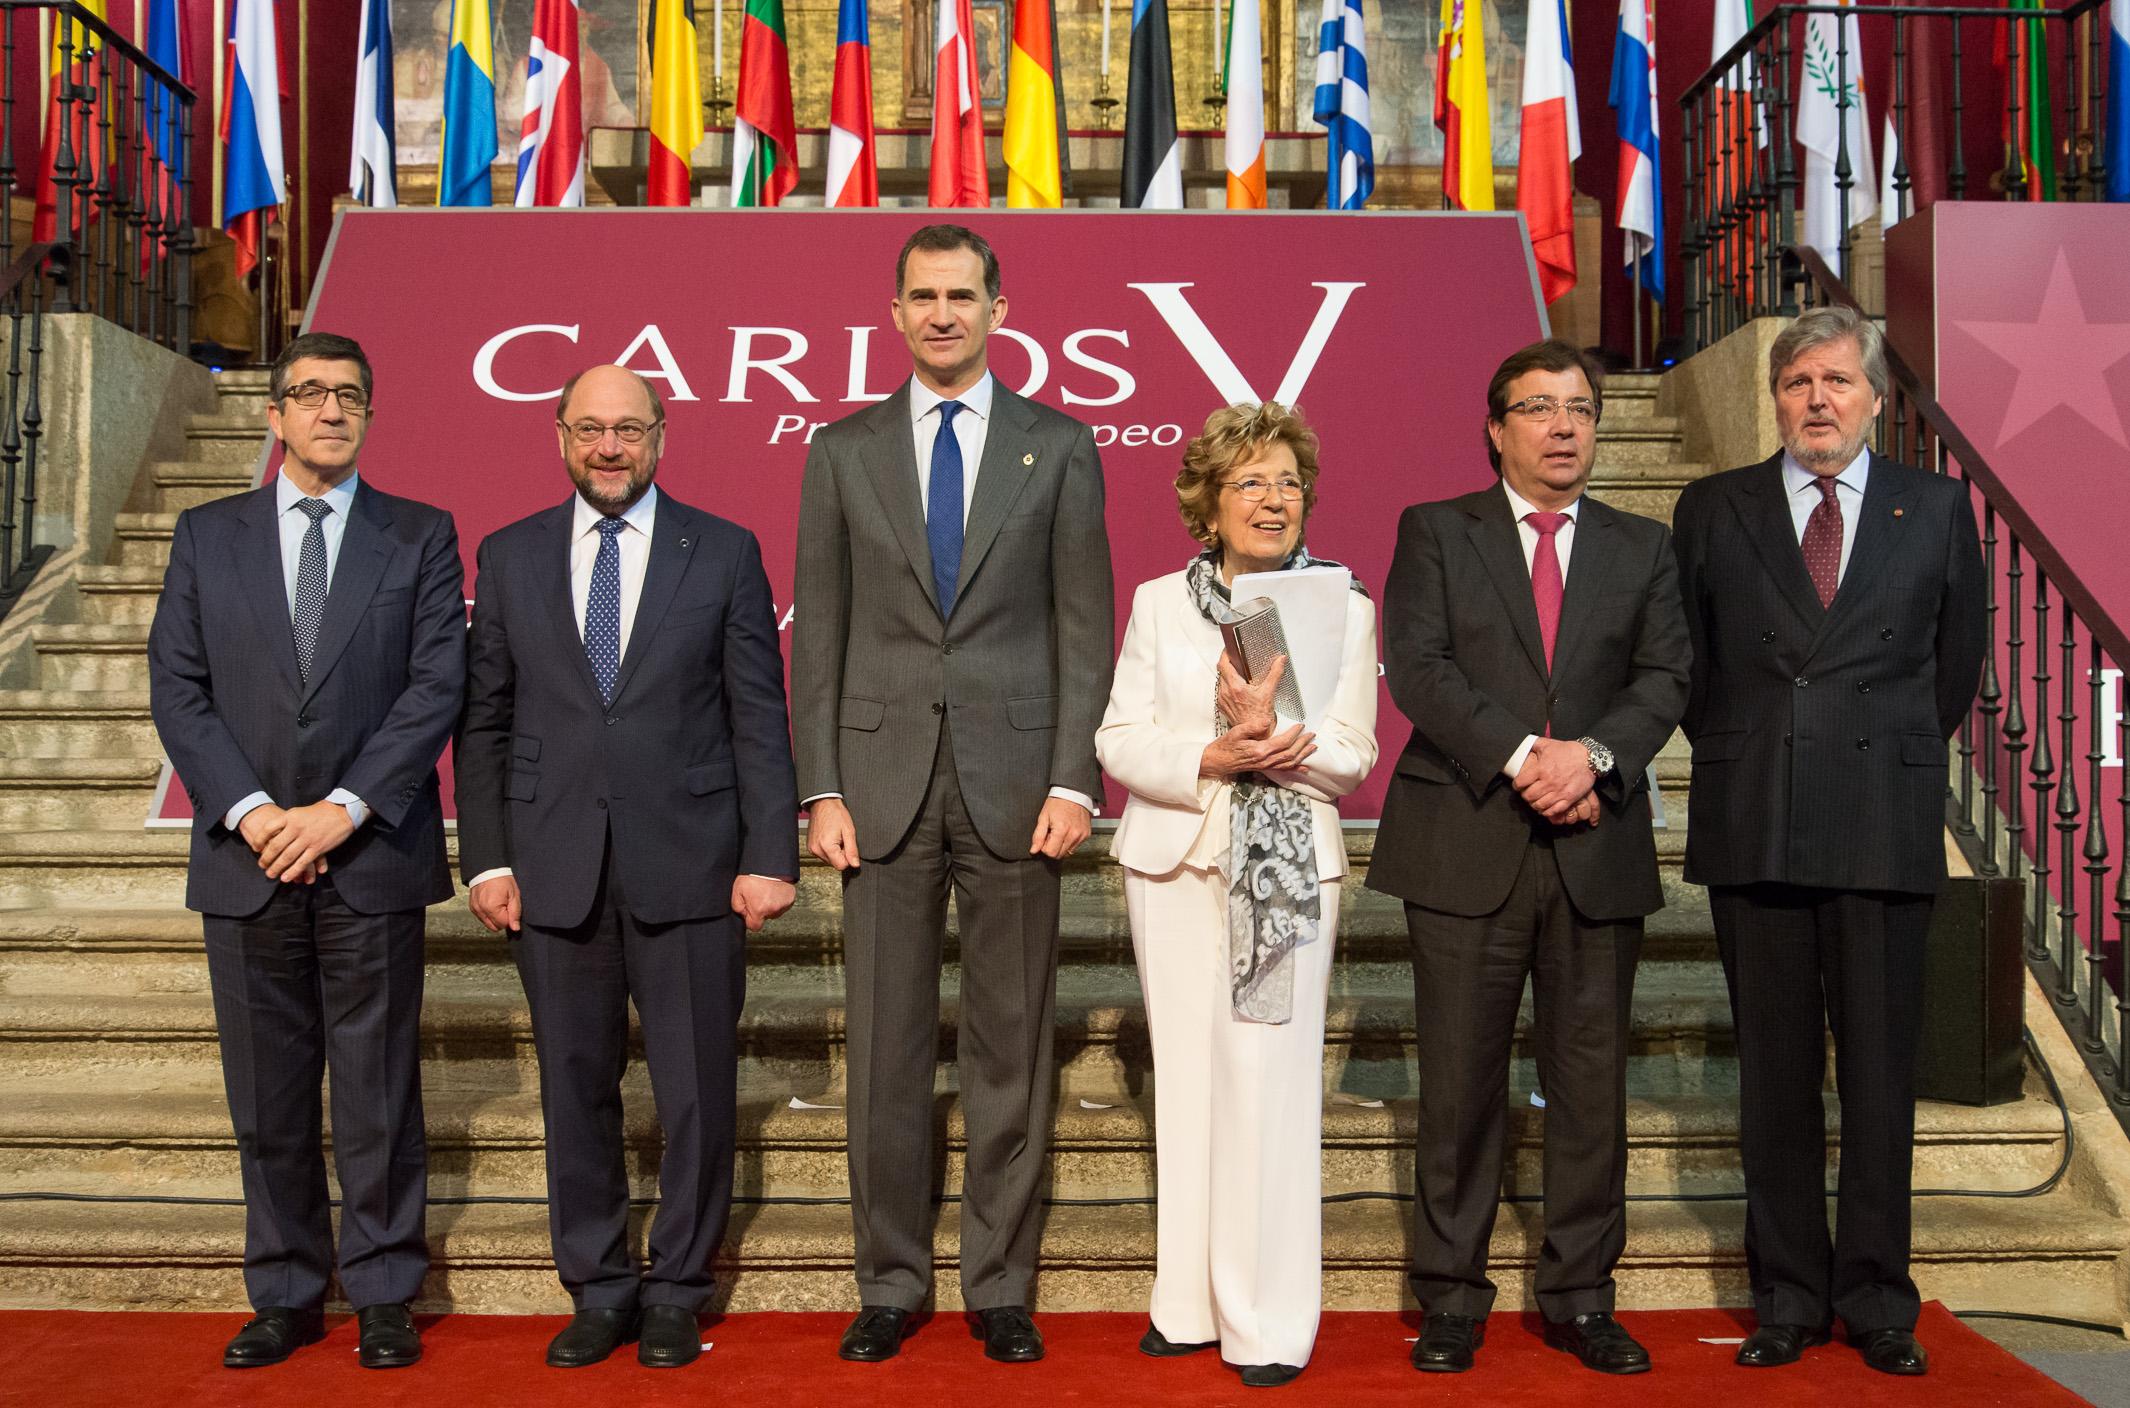 Seminario doctoral. Paz y valores europeos como posible modelo de integración y progreso en un mundo global